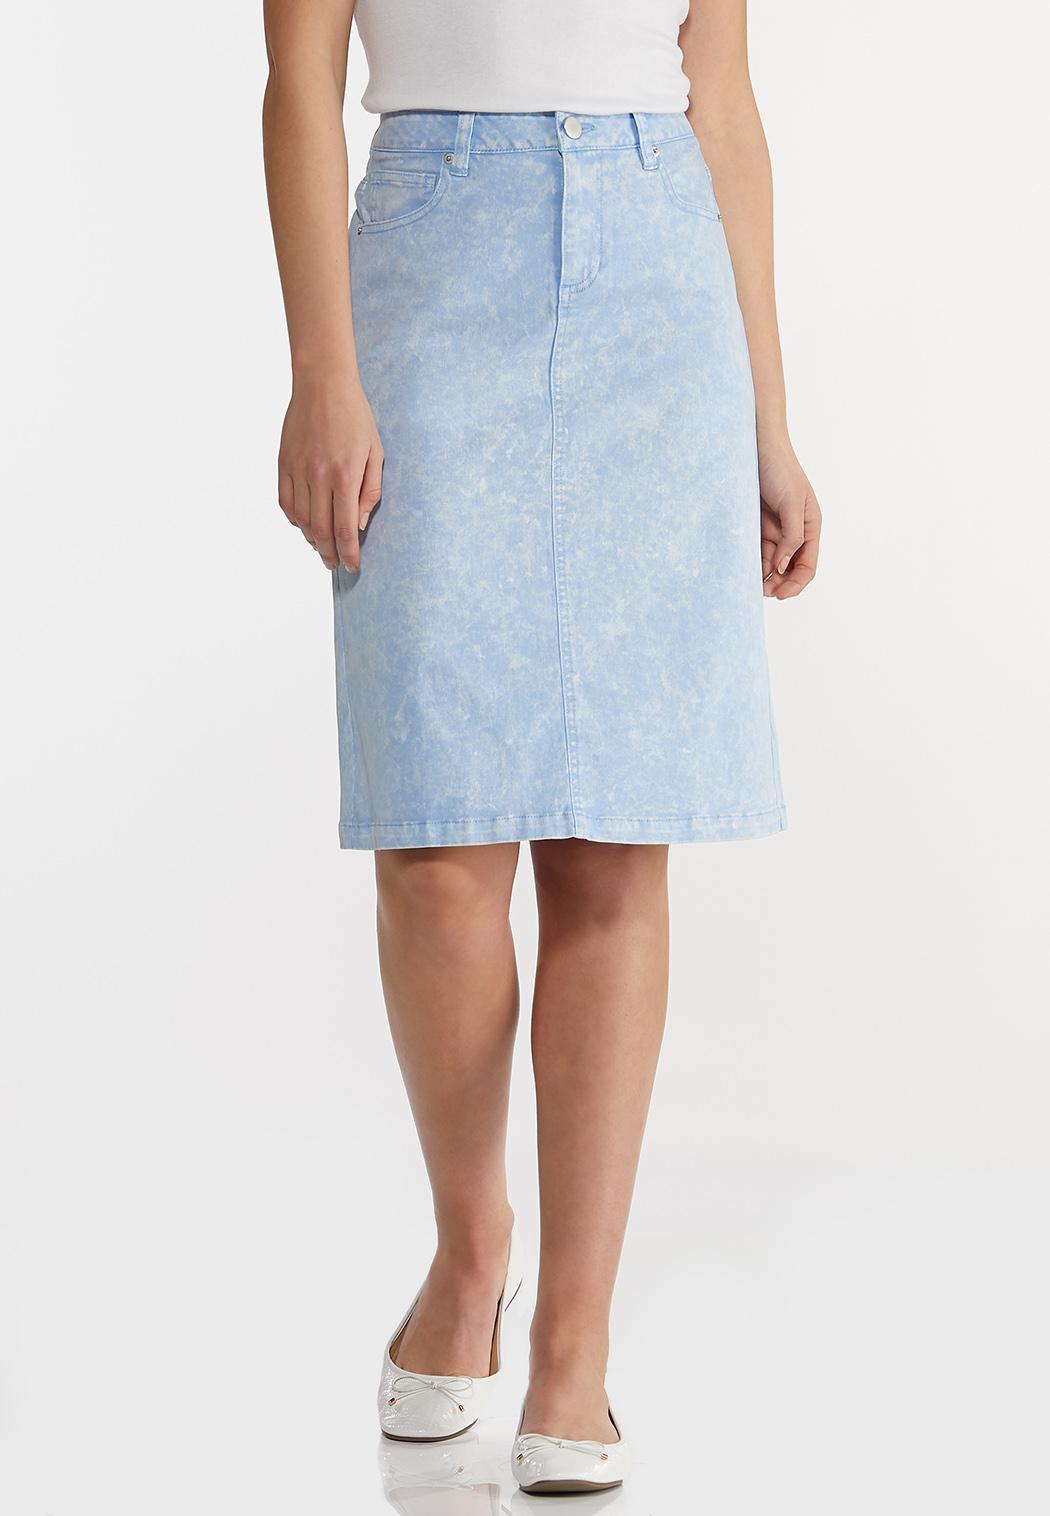 Sky Blue Denim Skirt